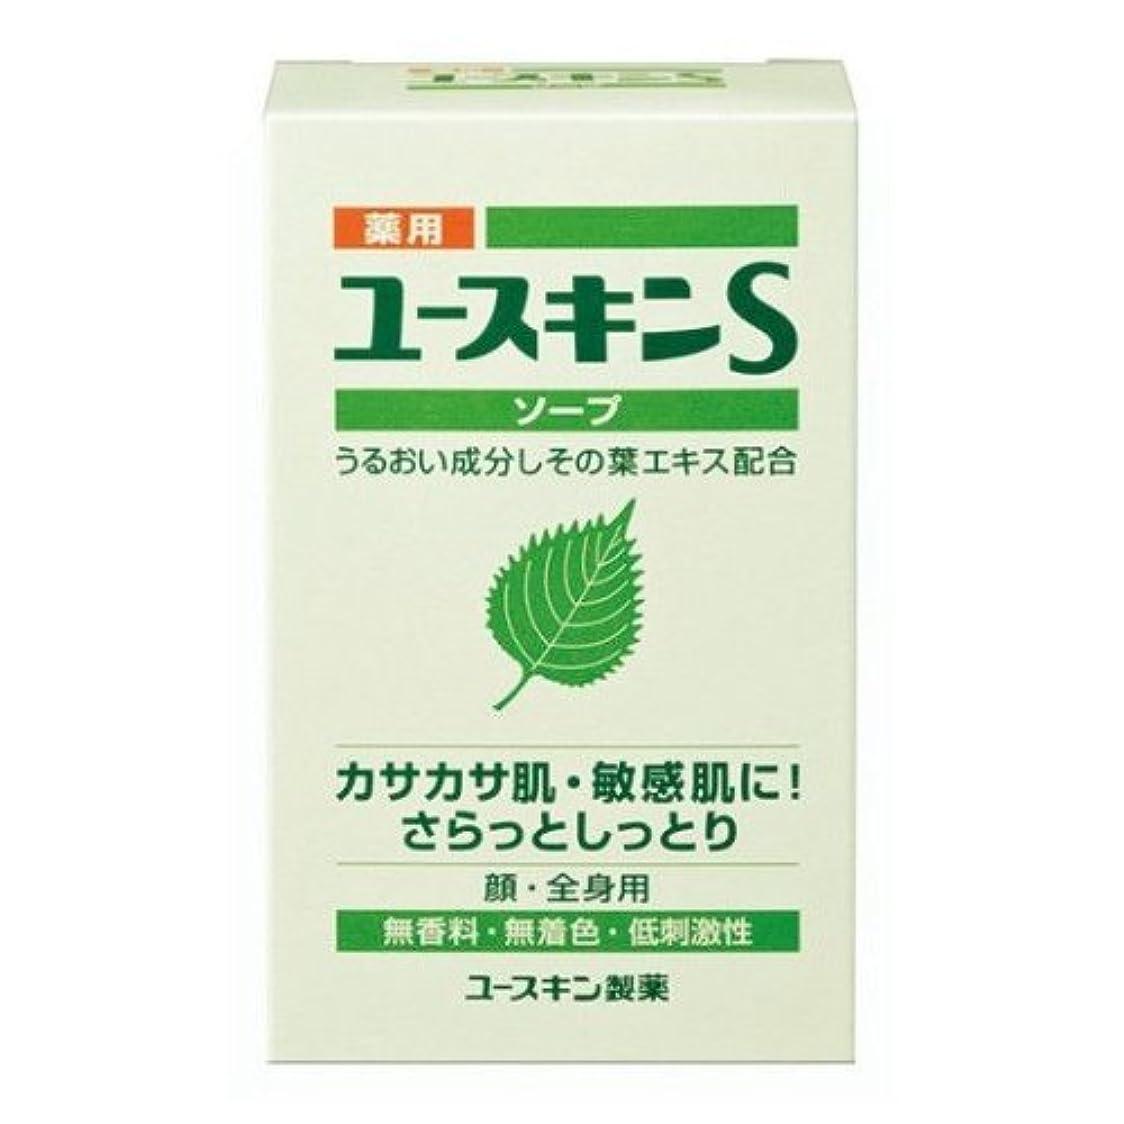 食べるスクラップブックブランク薬用ユースキンS ソープ 90g (敏感肌用 透明石鹸) 【医薬部外品】